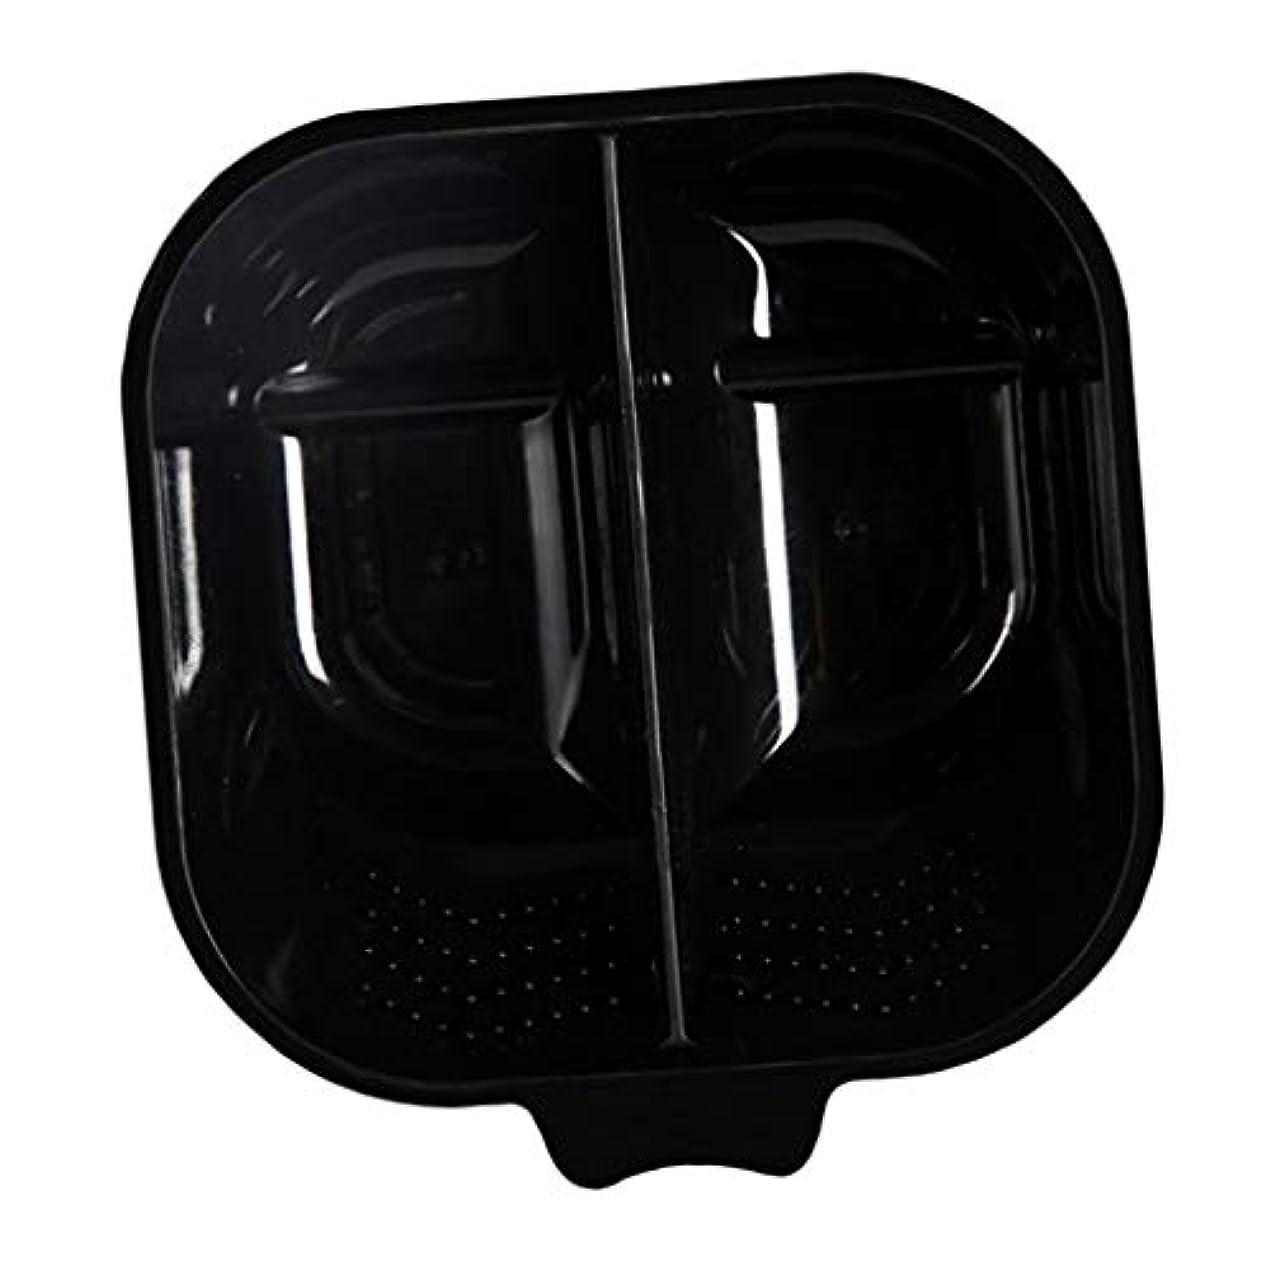 意気揚々すばらしいです発明するヘアカラーリング用品 ヘアカラーボウル ヘアカラープレート 毛染め 染料 混ぜる サロン プロ用品 - ブラック